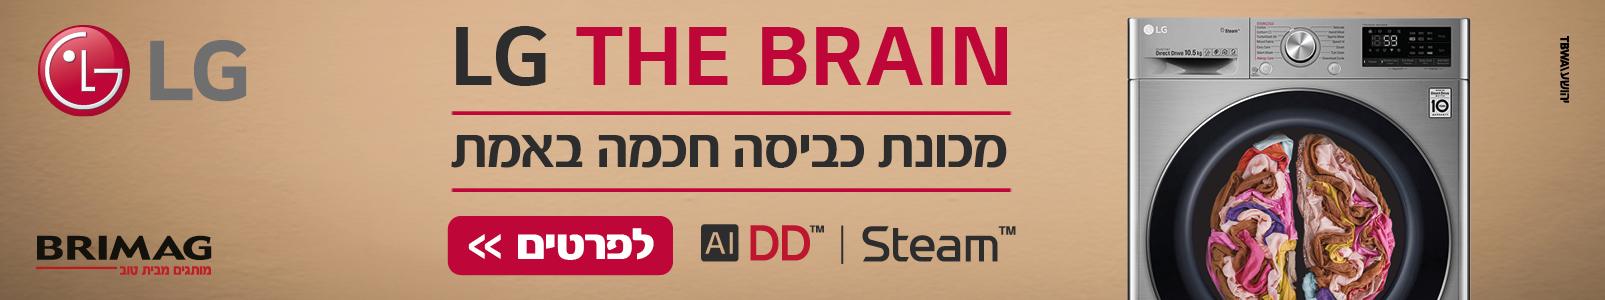 מכונות כביסה LG מסדרת The Brain החדשה - Brimag Online